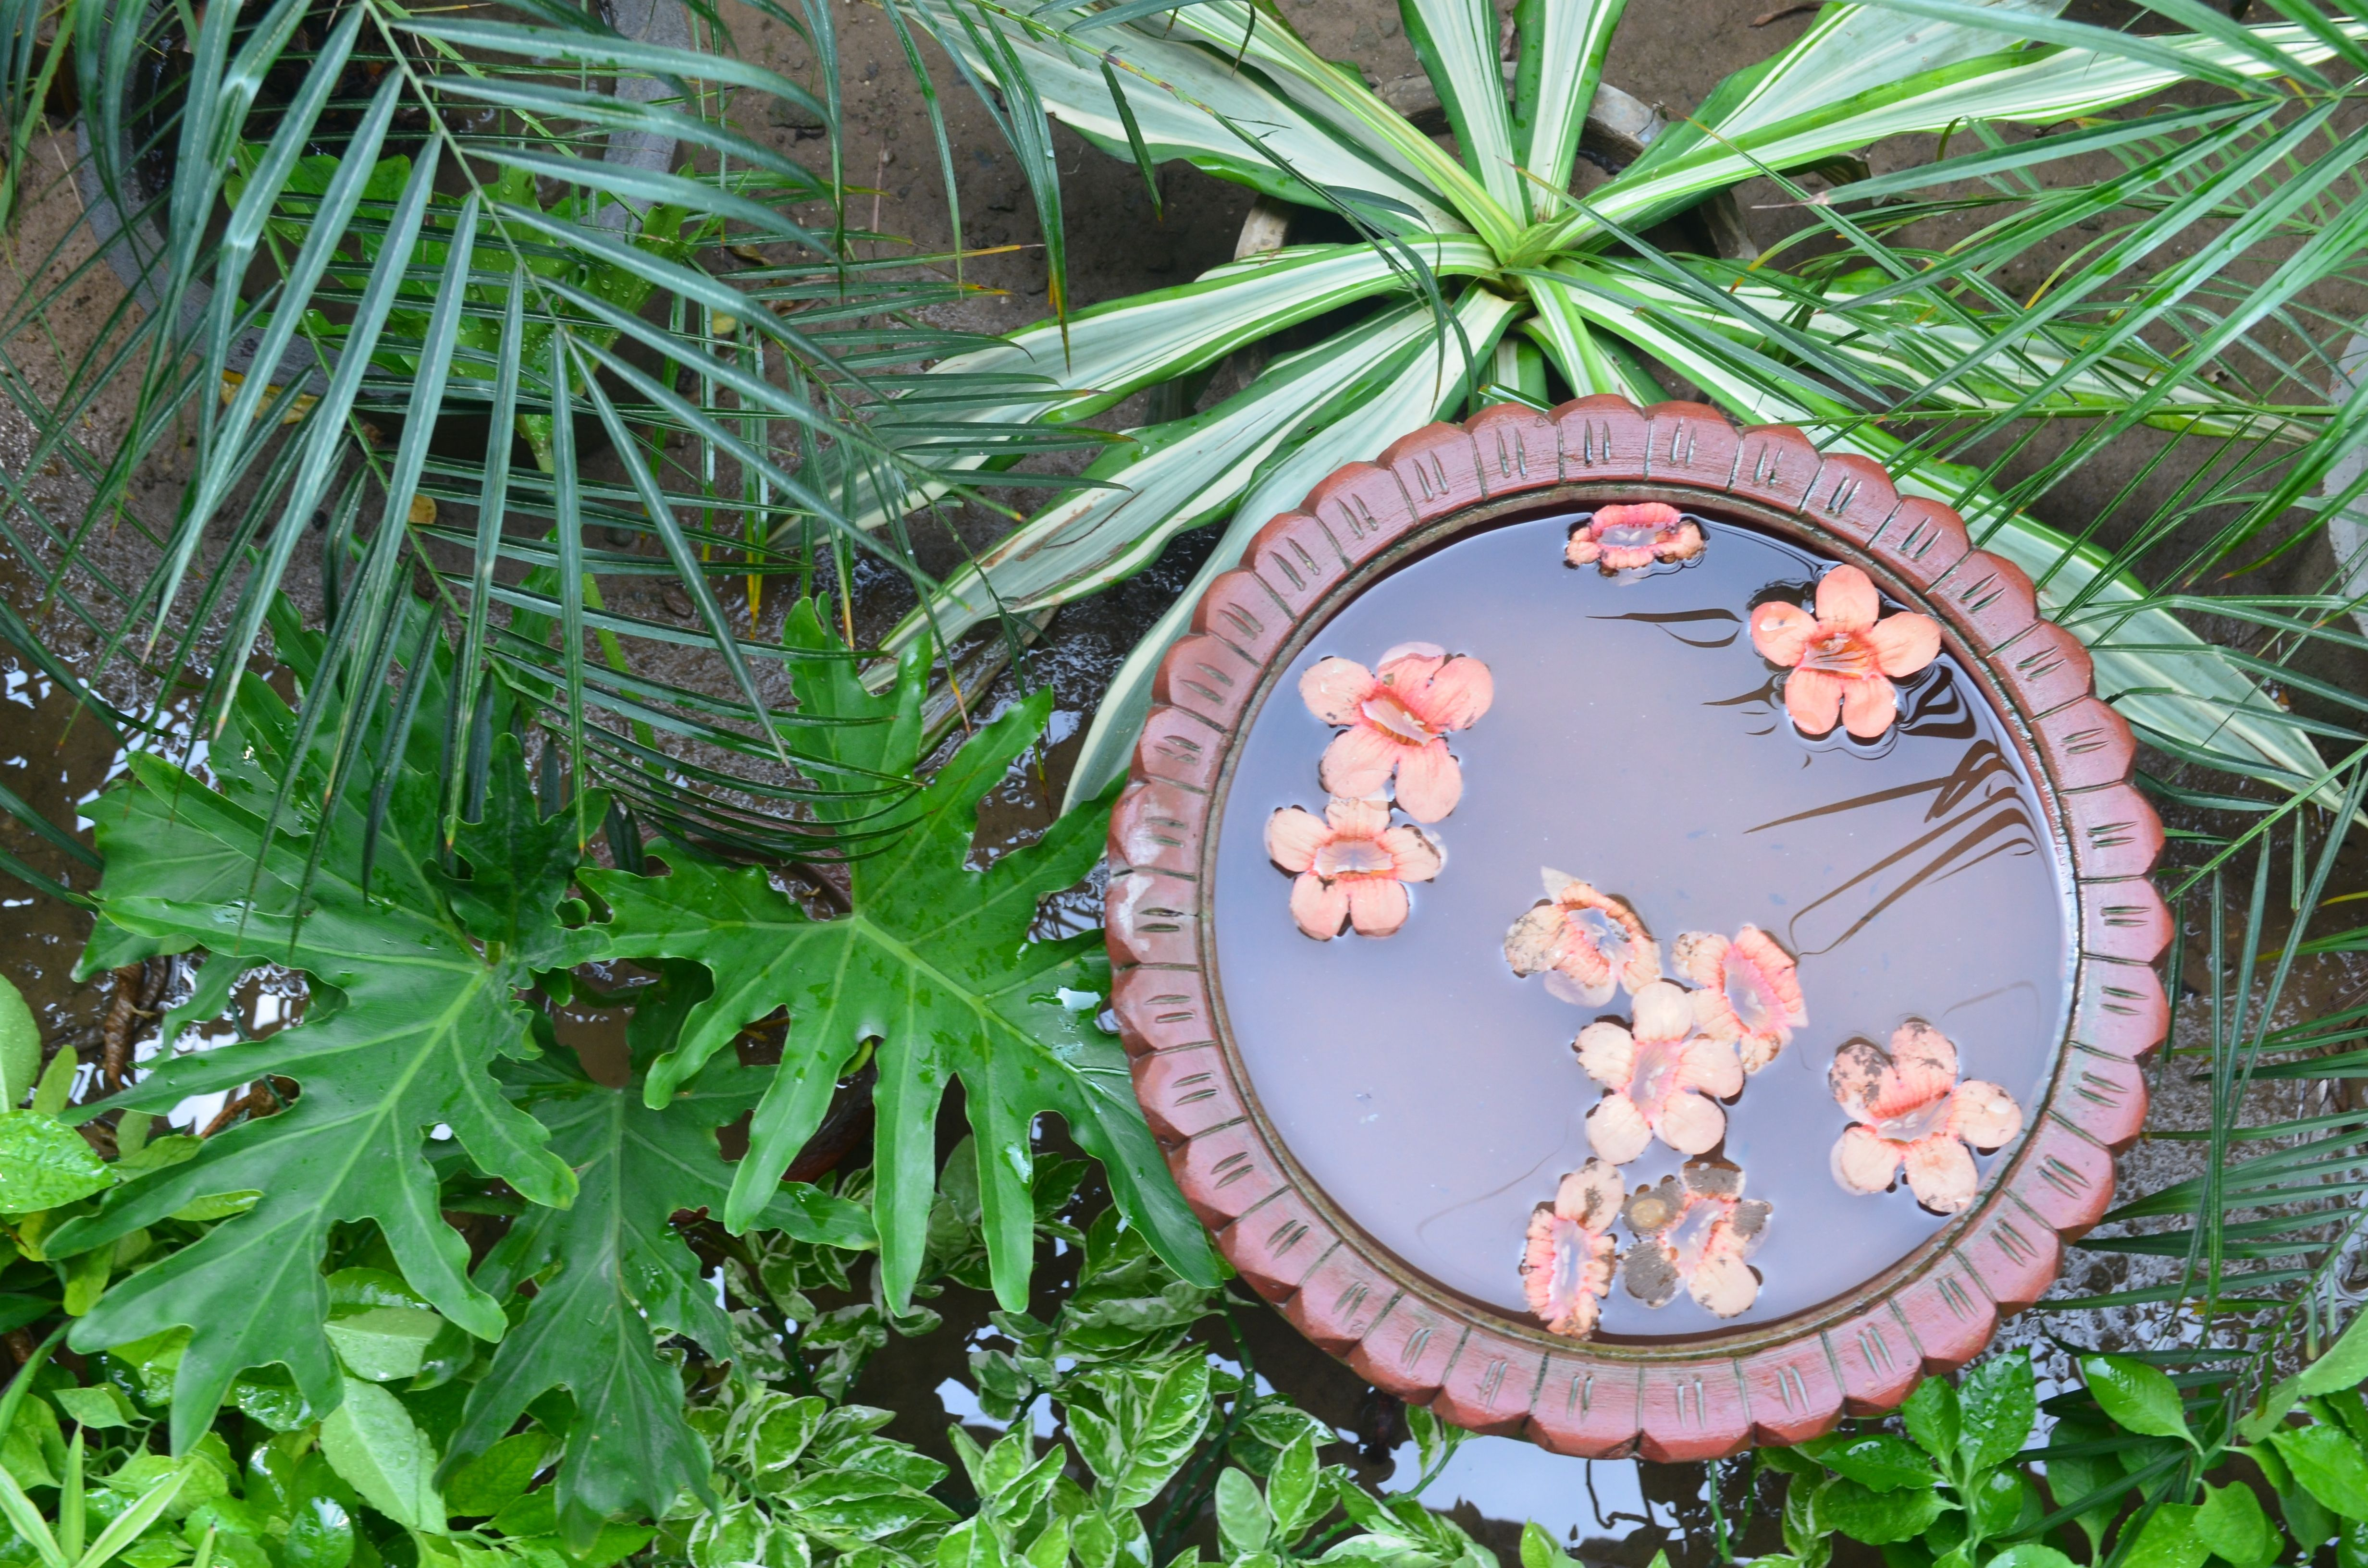 clay pond of trumpet vine.